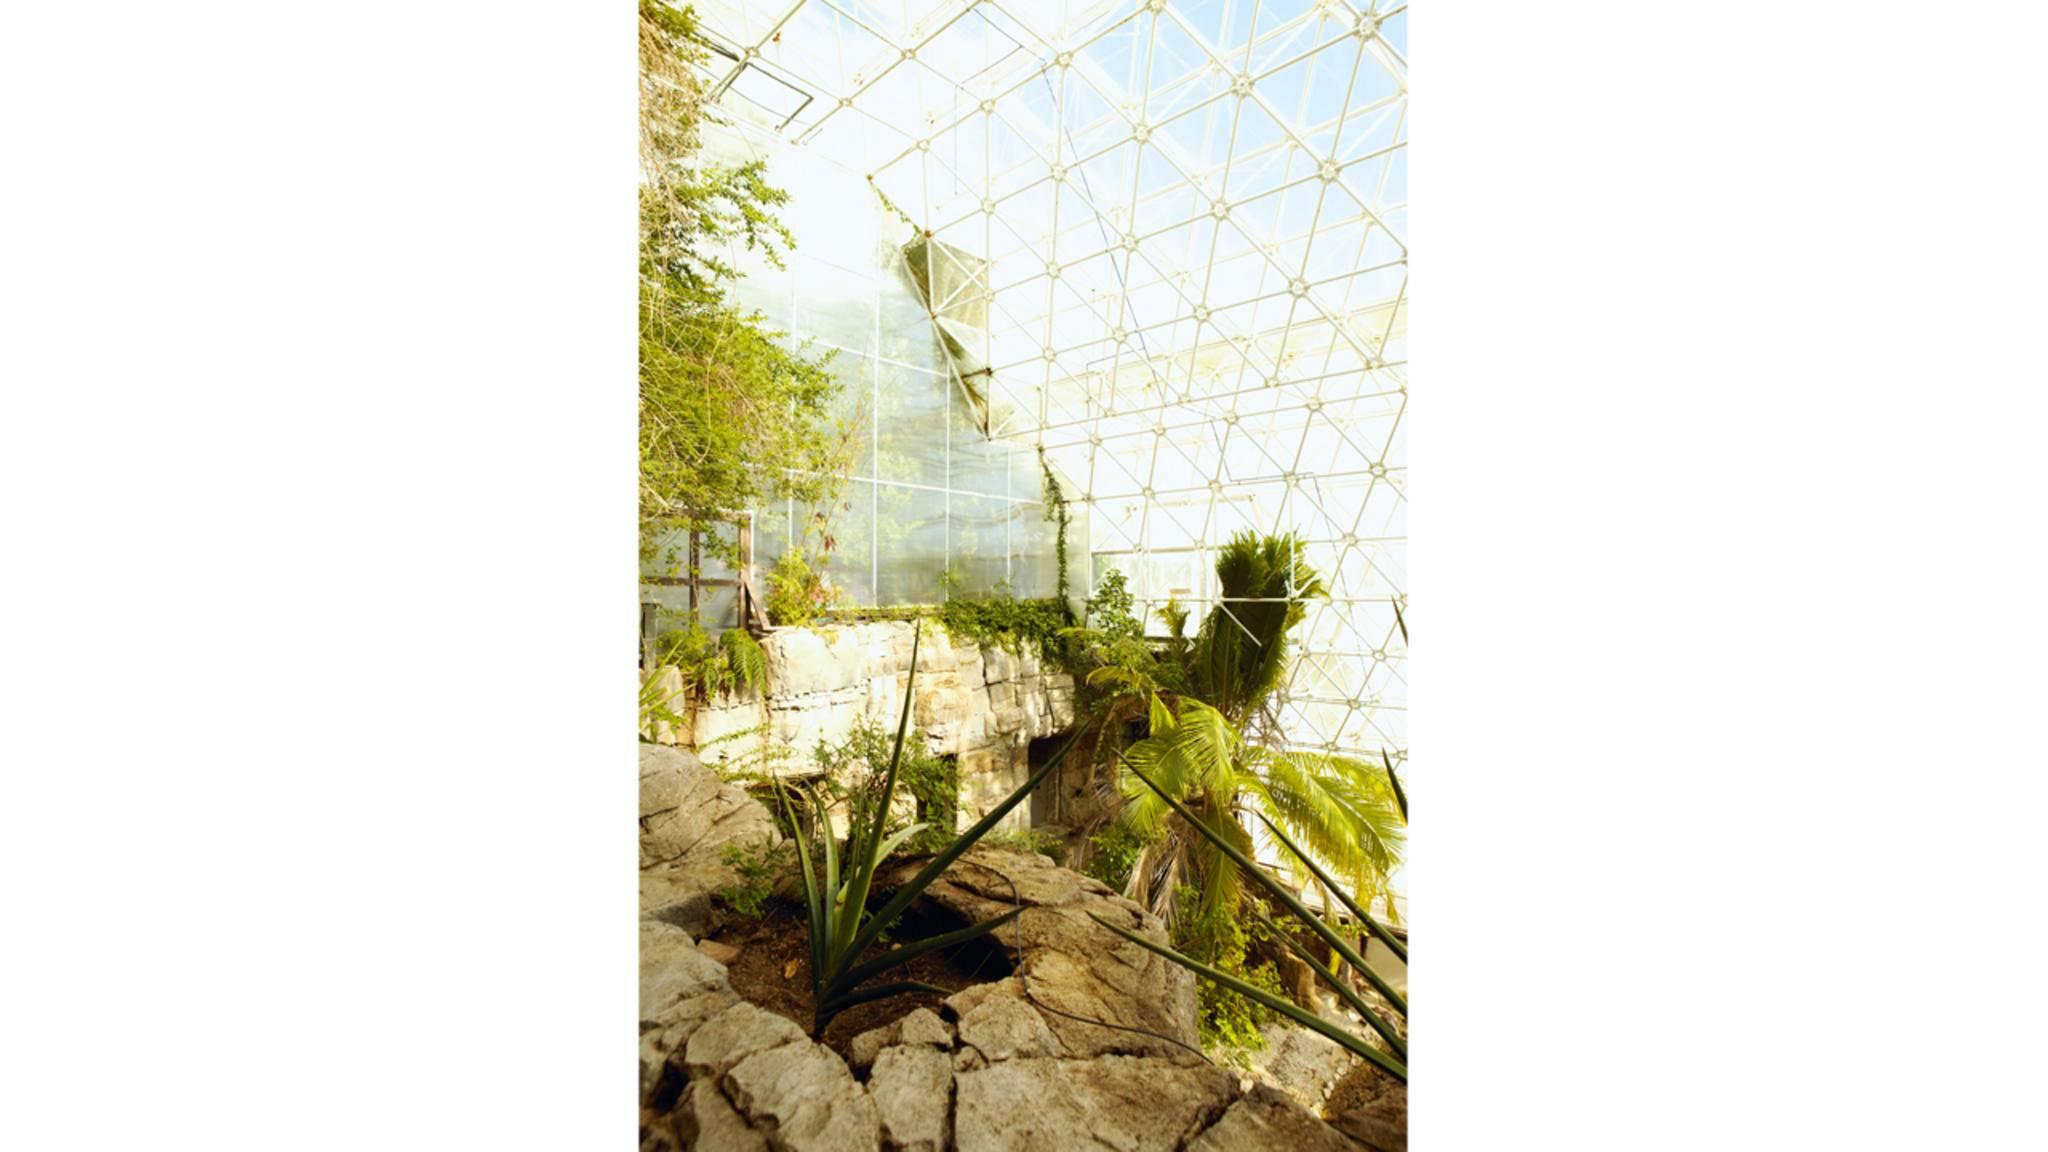 Ökosysteme: Von Wüste über Regenwald bis zu gemäßigten Klimazonen.